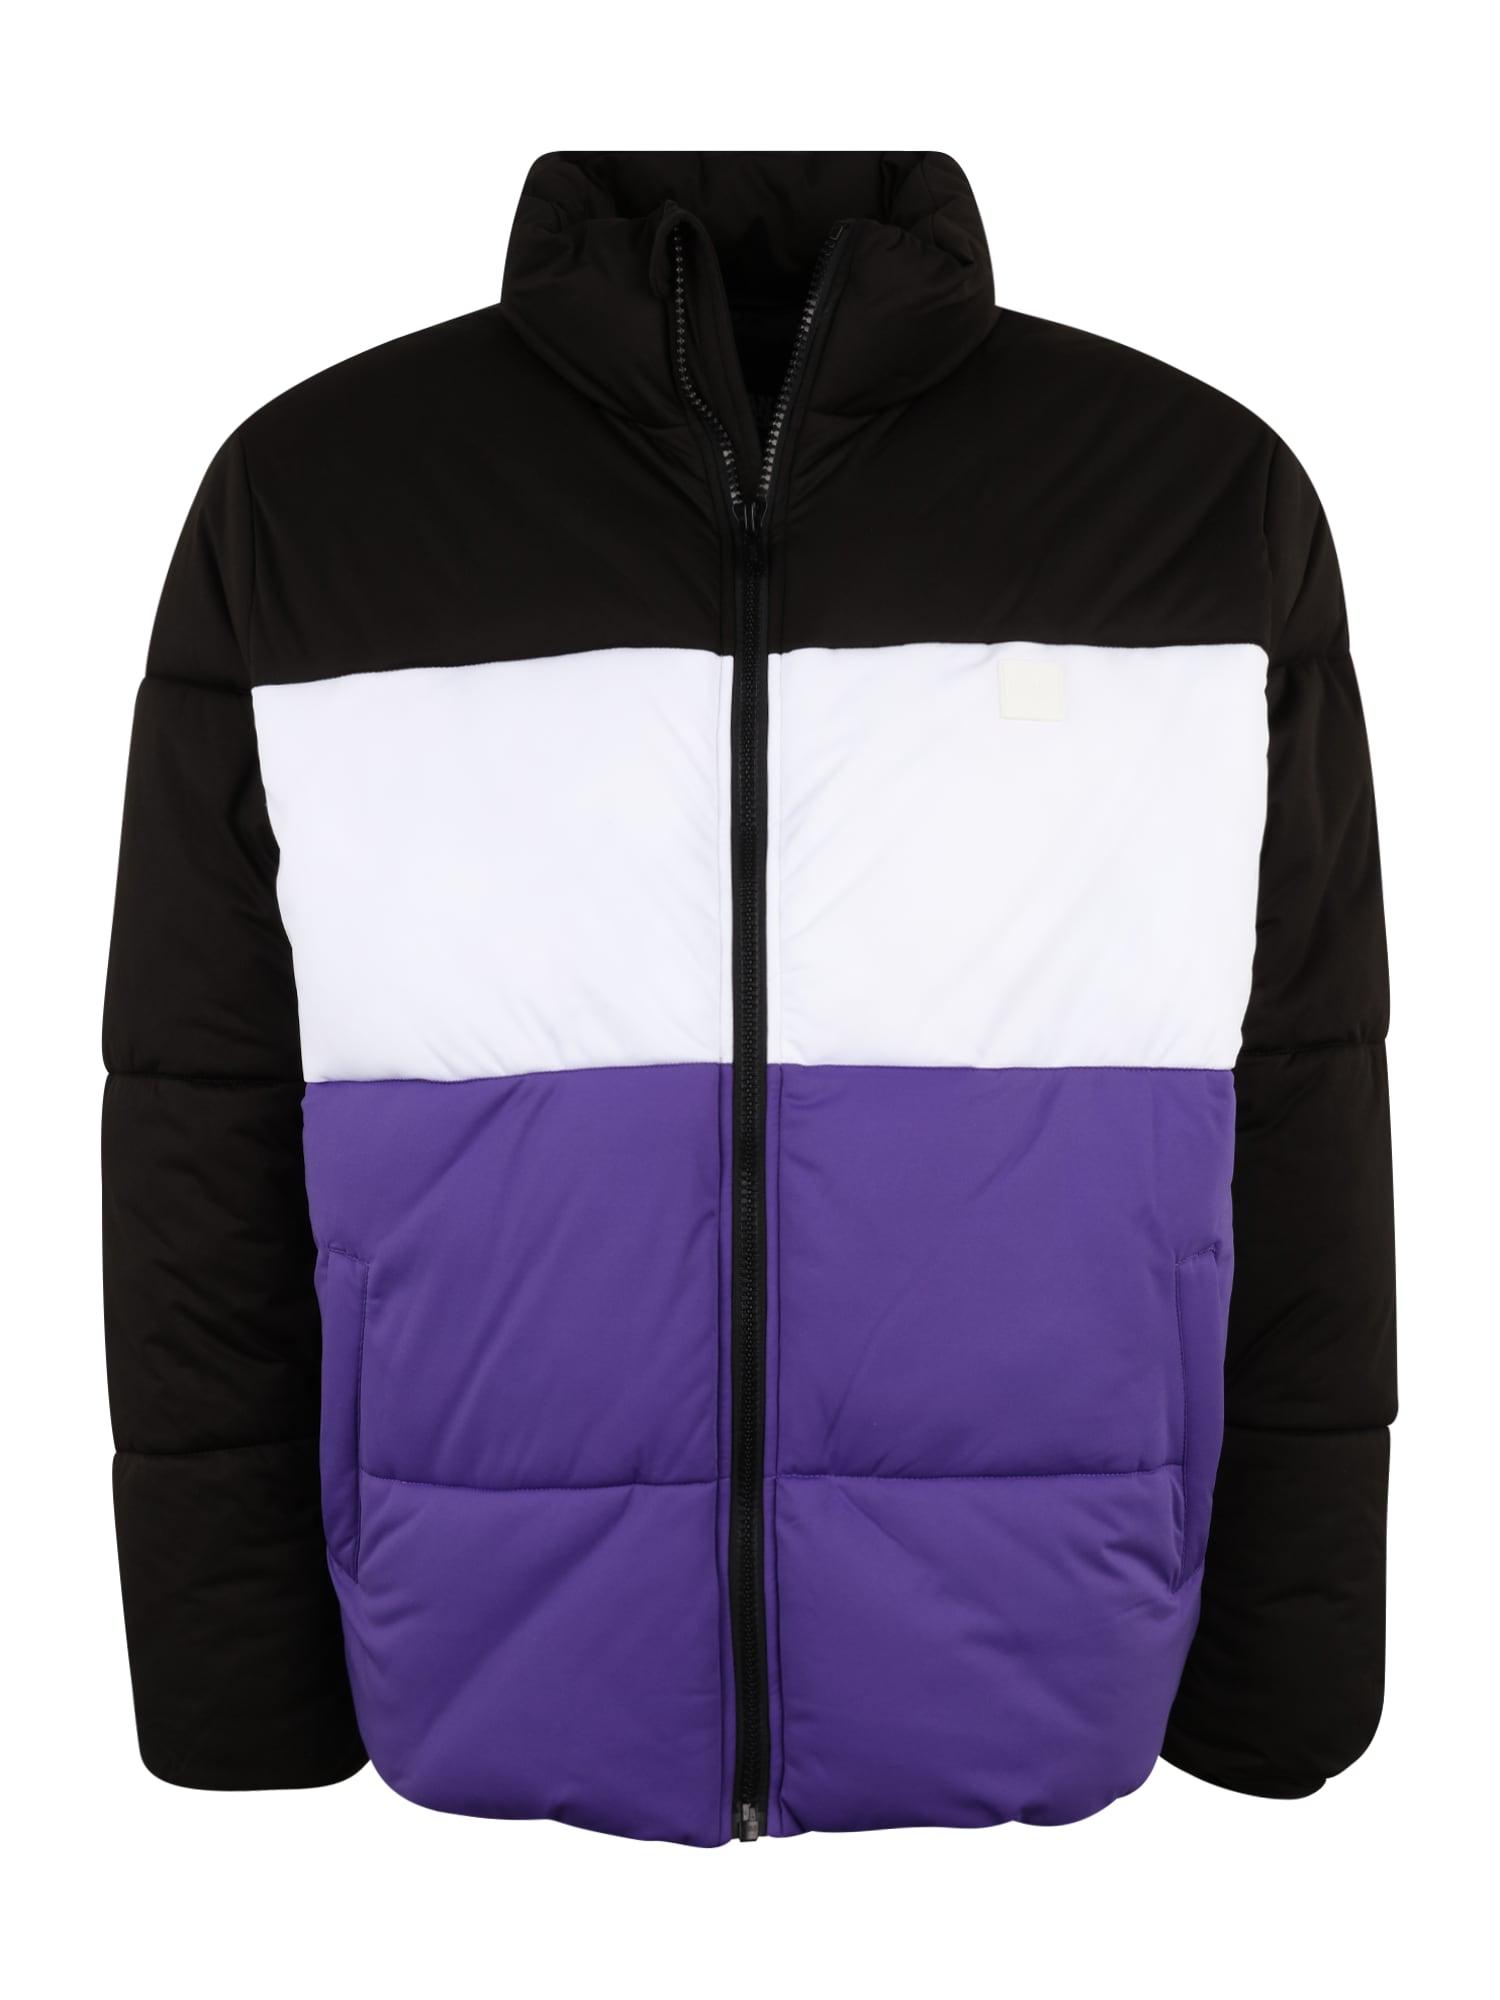 Urban Classics Big & Tall Demisezoninė striukė juoda / balta / tamsiai violetinė